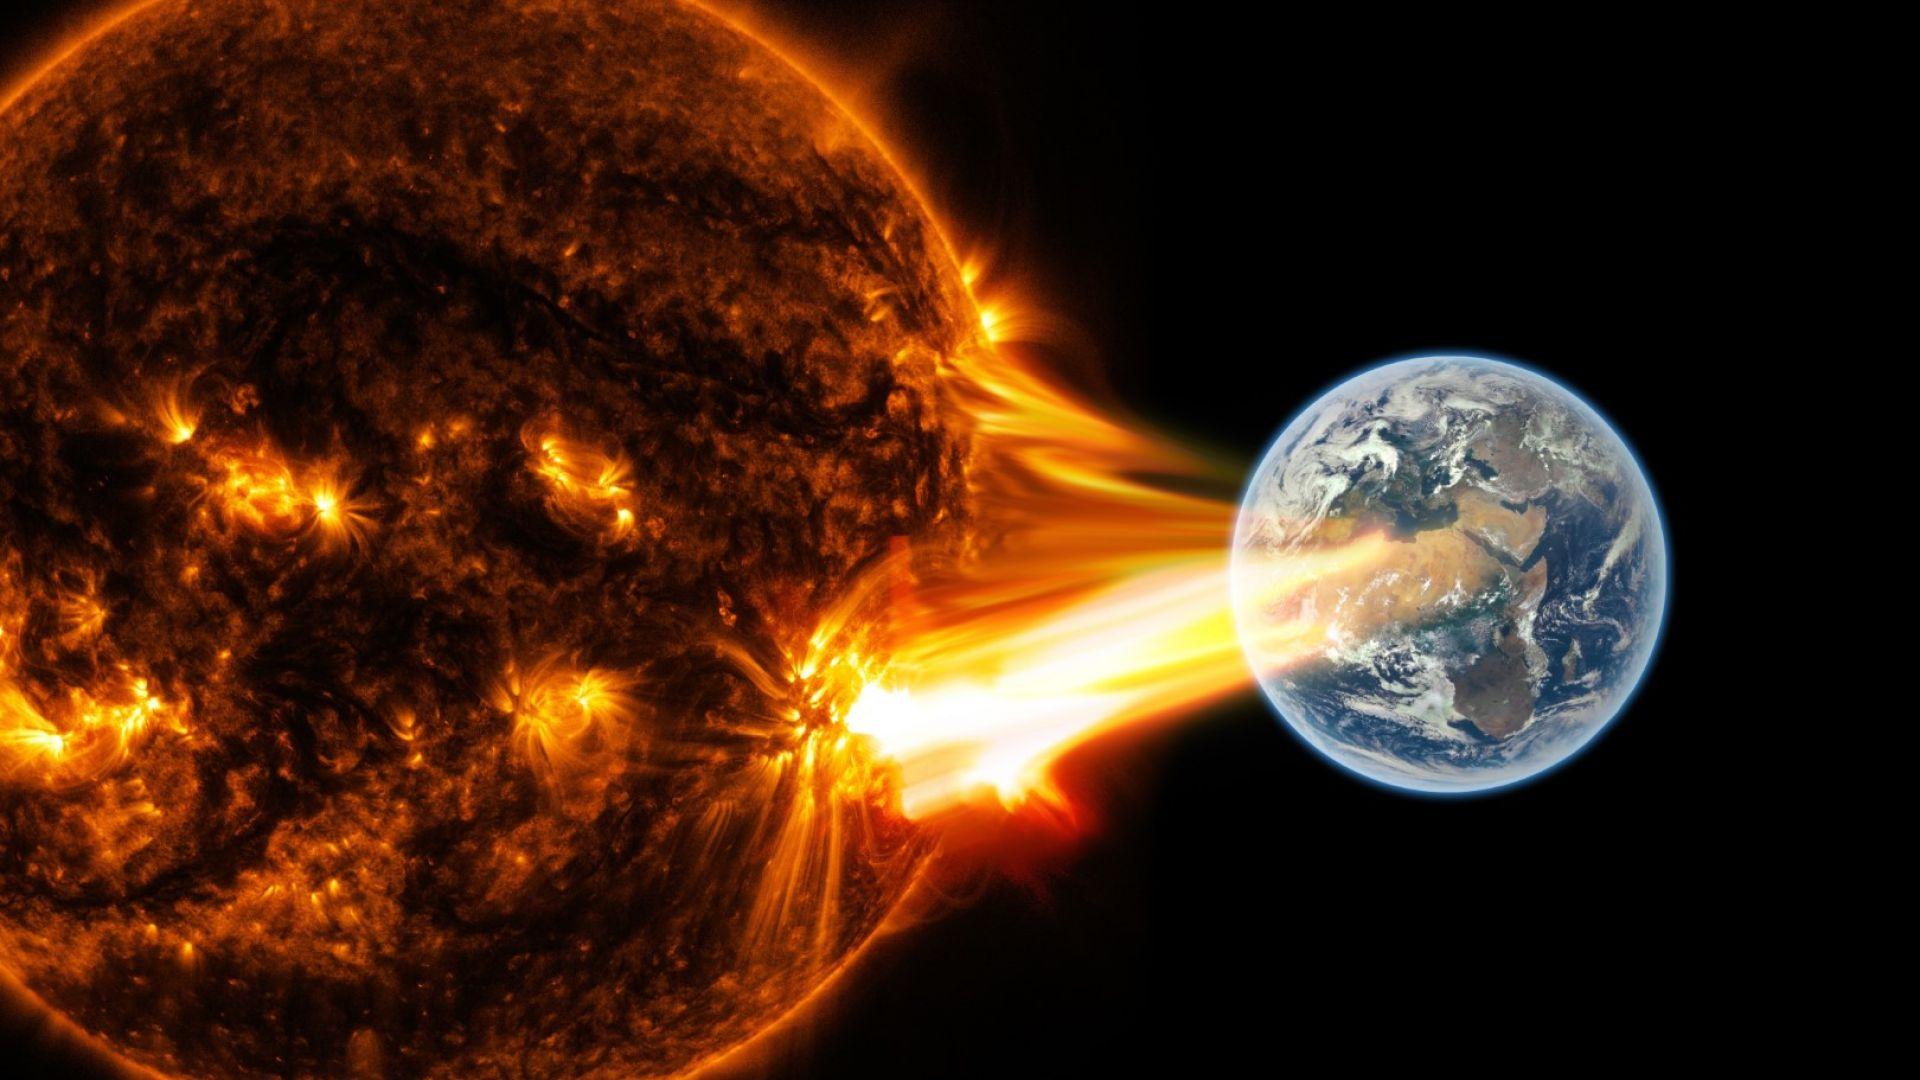 Огромна коронарна дупка се отвори на Слънцето, възможни са геомагнитни бури